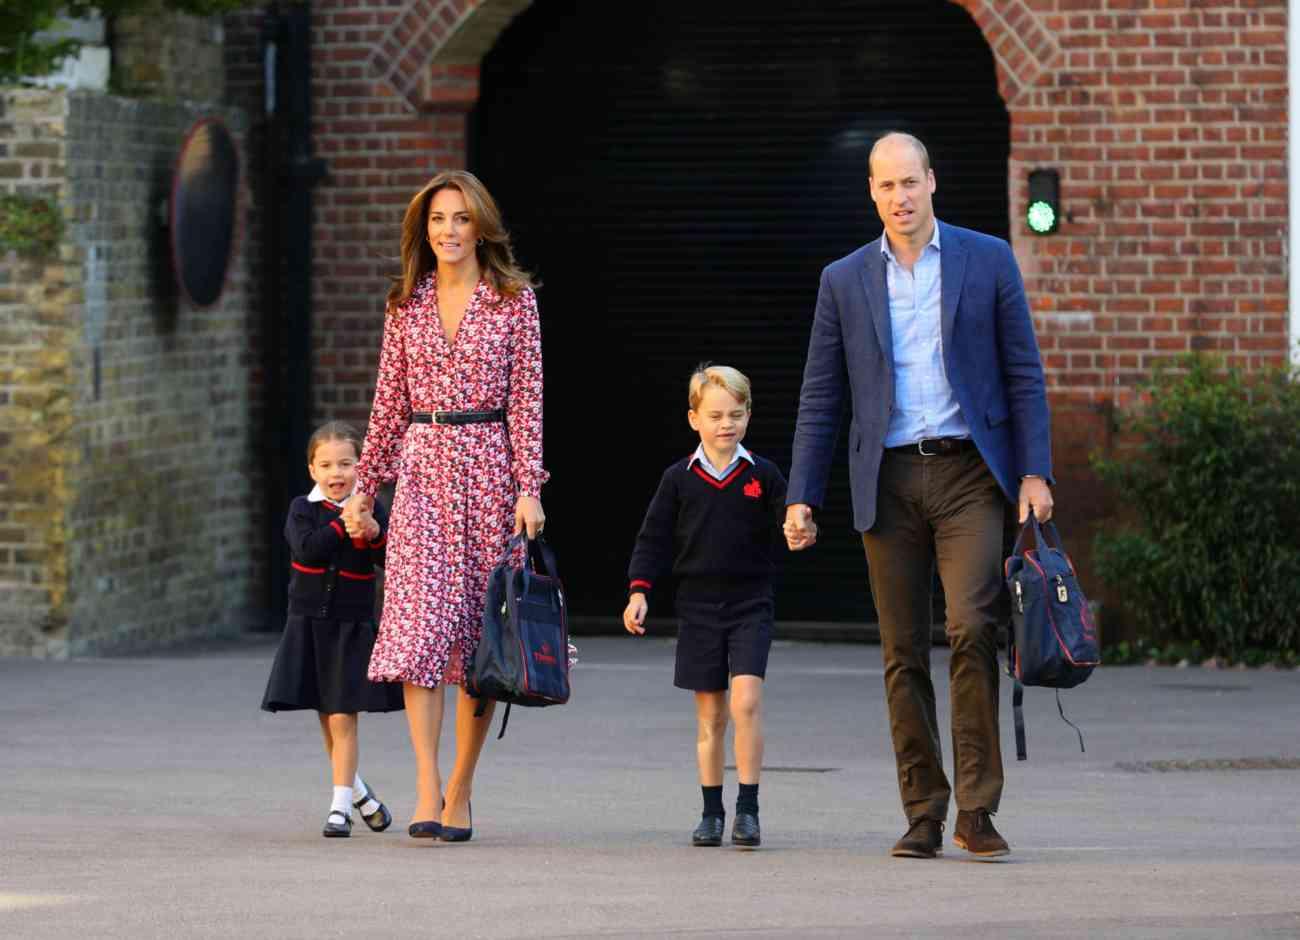 Hoy jueves, 5 de septiembre, la princesa Carlota ha acudido a su...